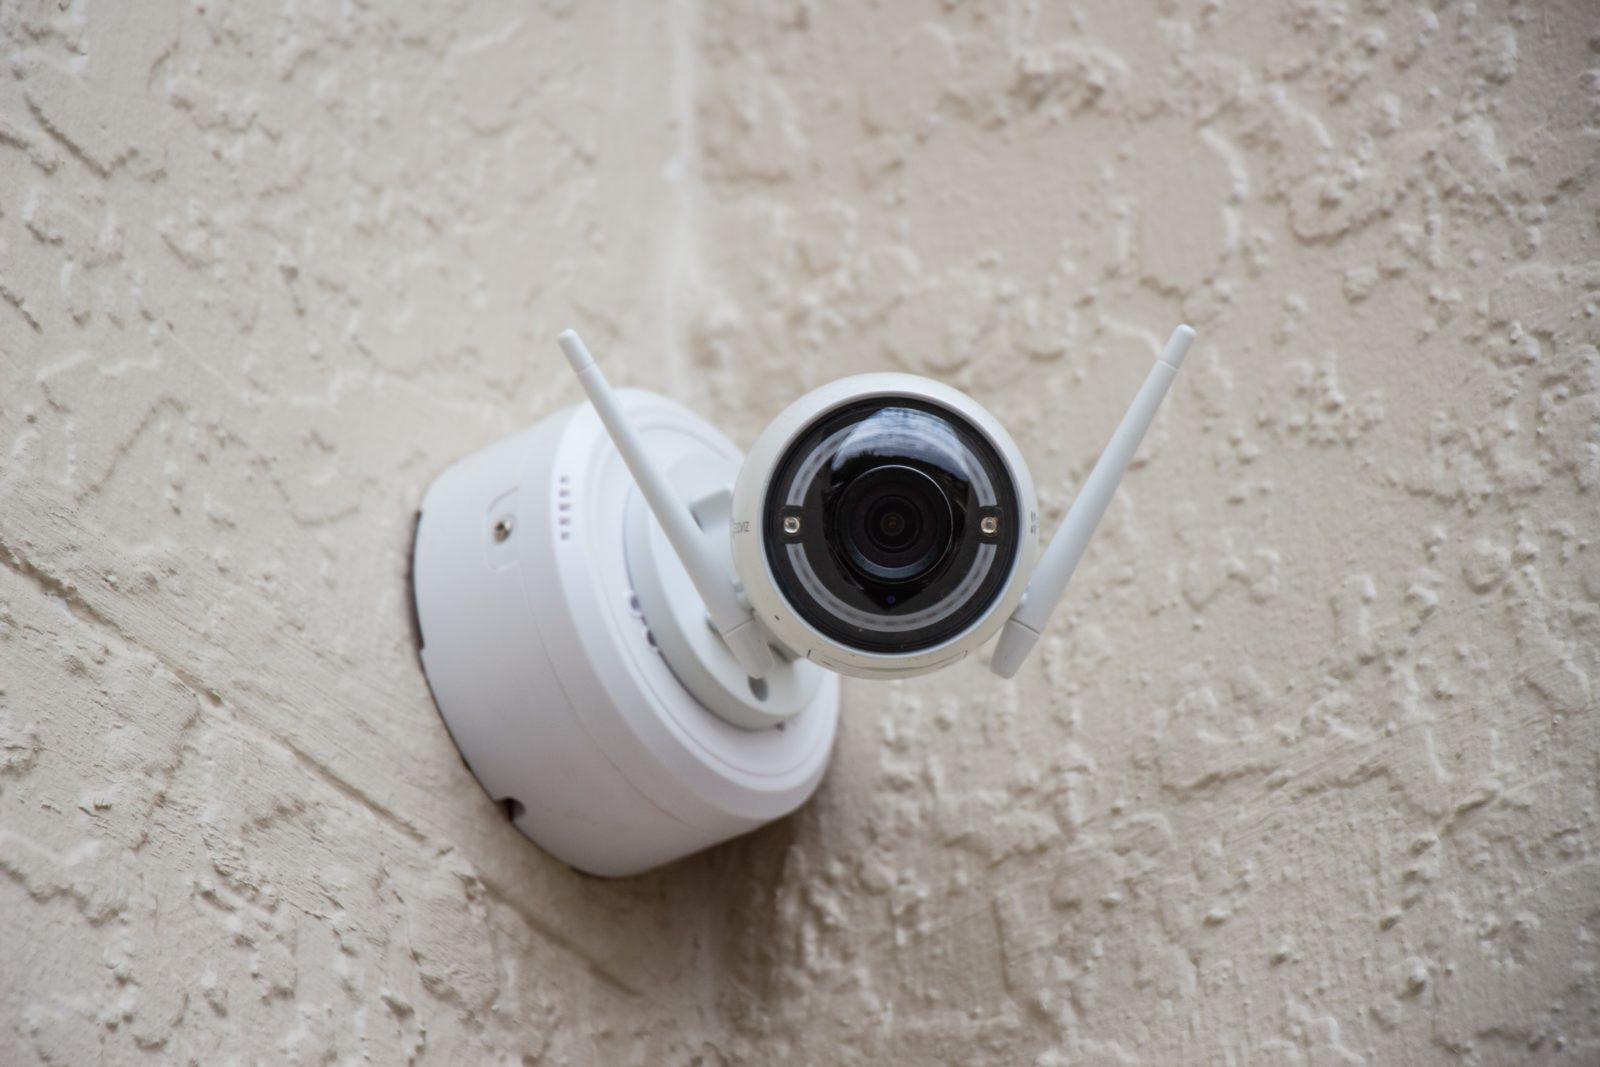 Как работает детектор движения в камере видеонаблюдения